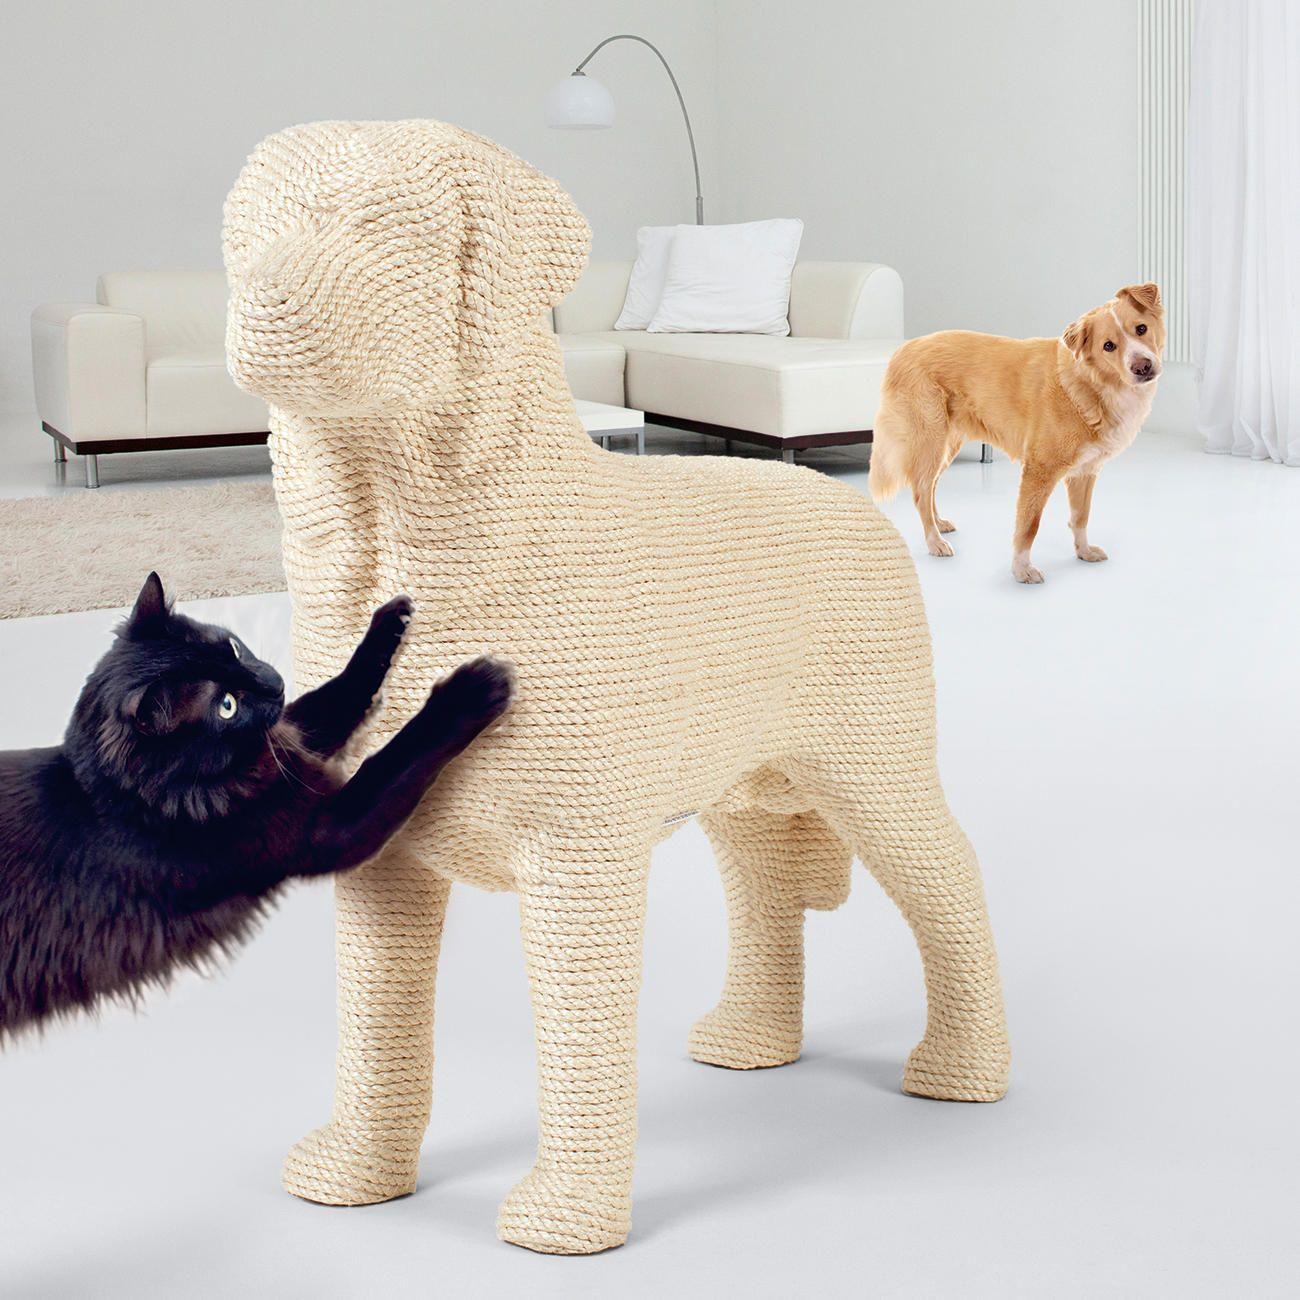 nicht gerade ein g nstiger kratzbaum aber die idee ist genial geschenkideen f r hundefreunde. Black Bedroom Furniture Sets. Home Design Ideas